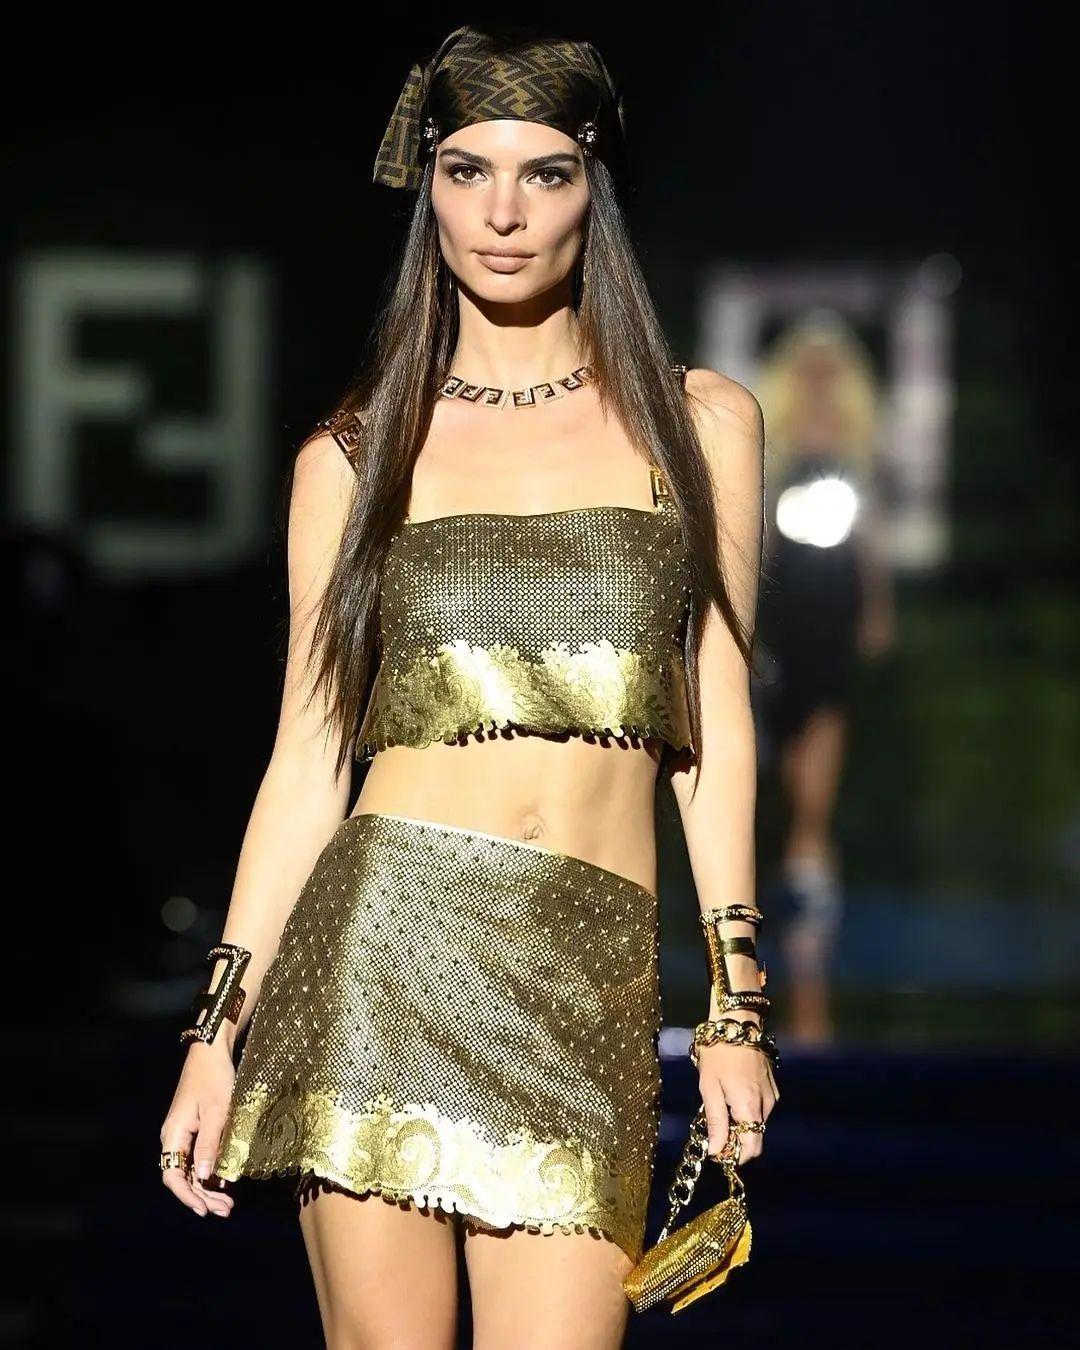 Versace by fendi - Neomag.